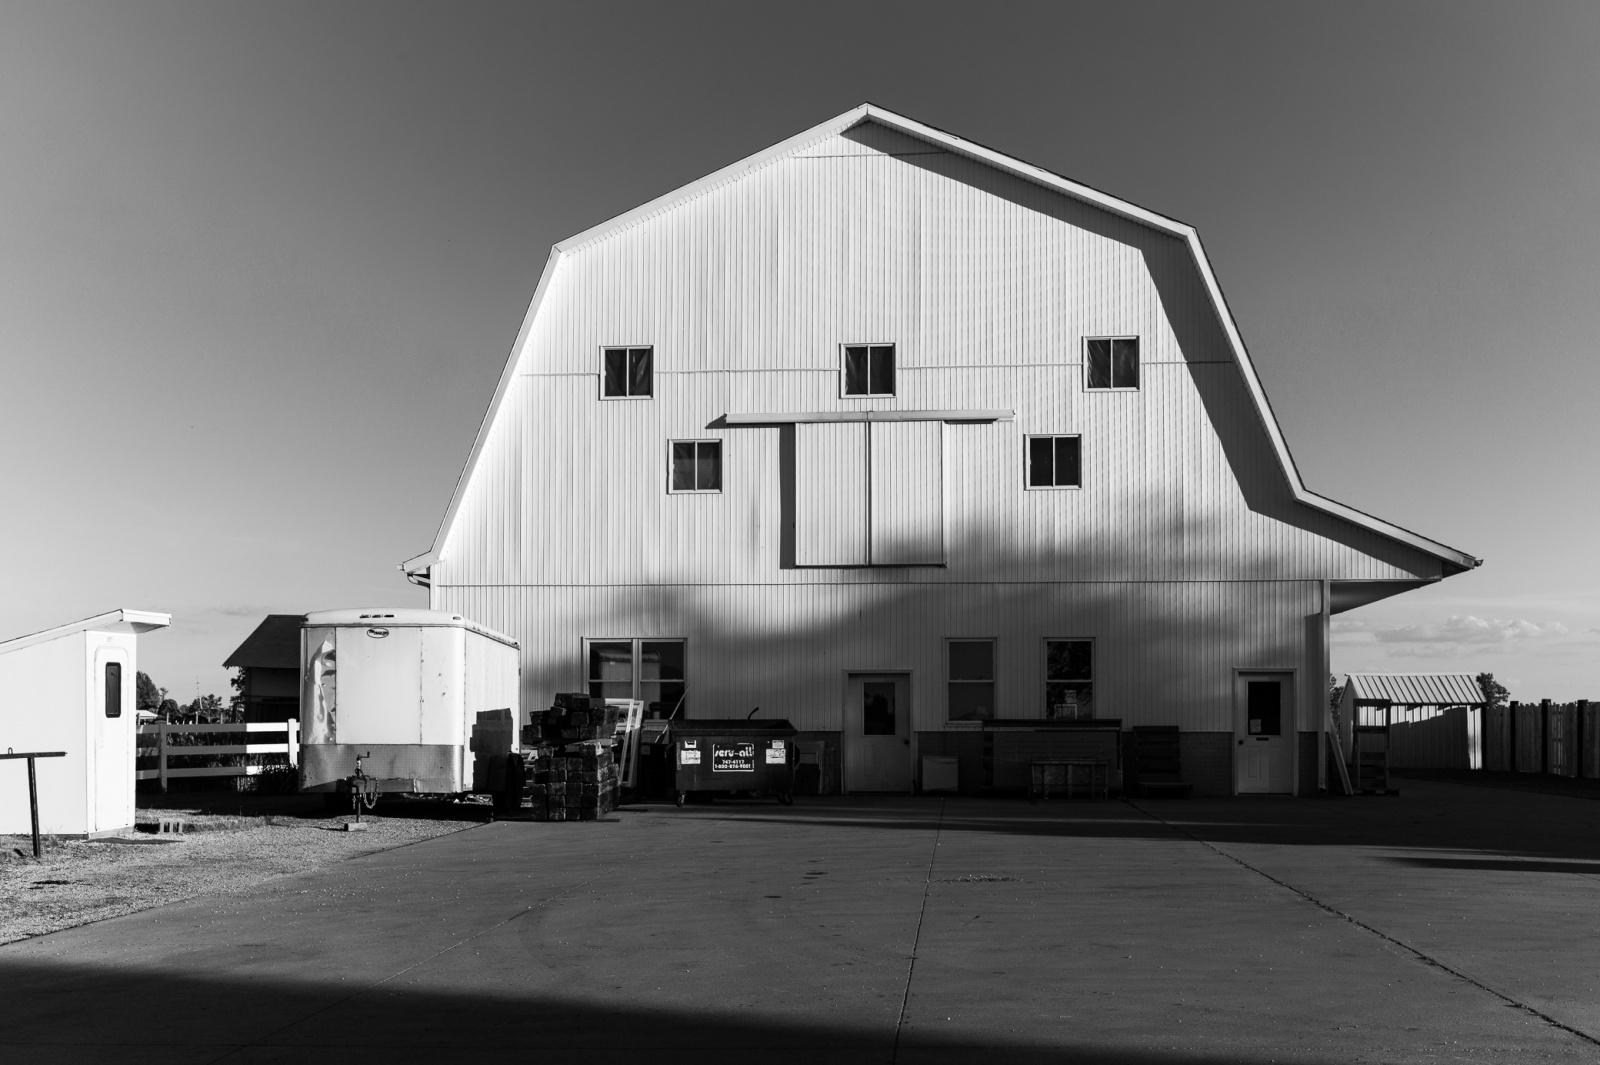 Amish House, Indiana - Usa